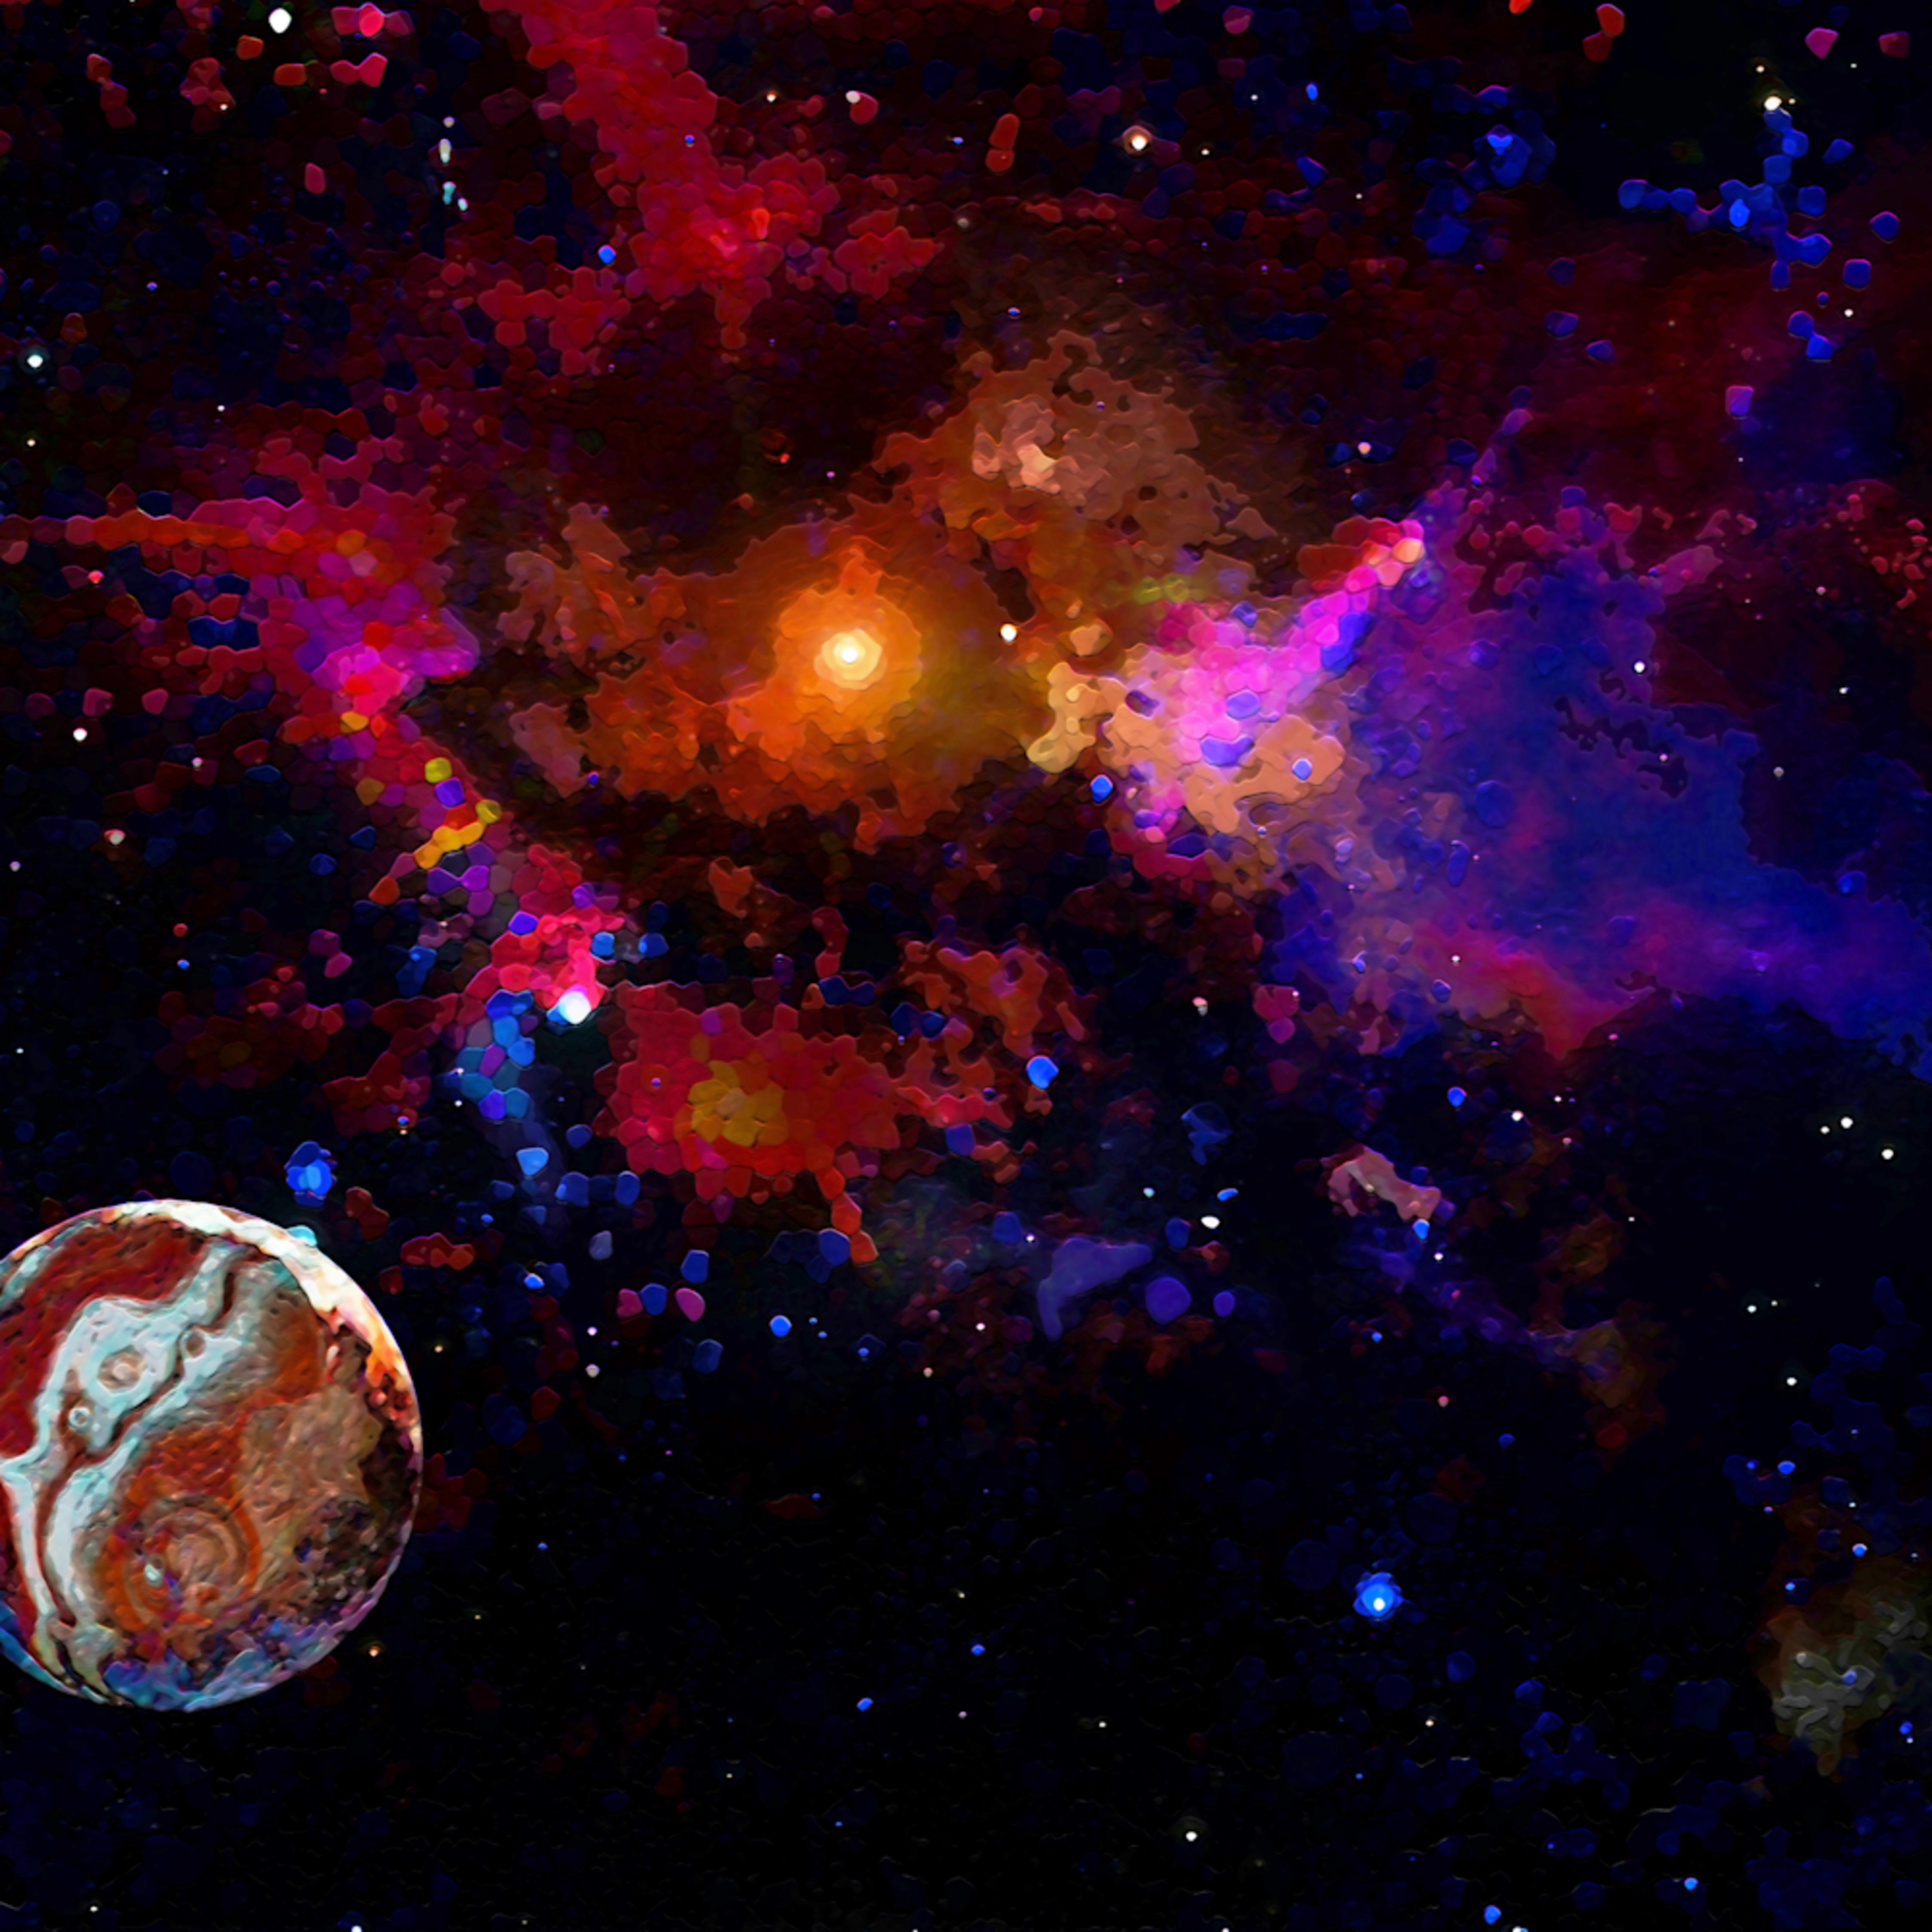 Outerspacebackground  ycz69k